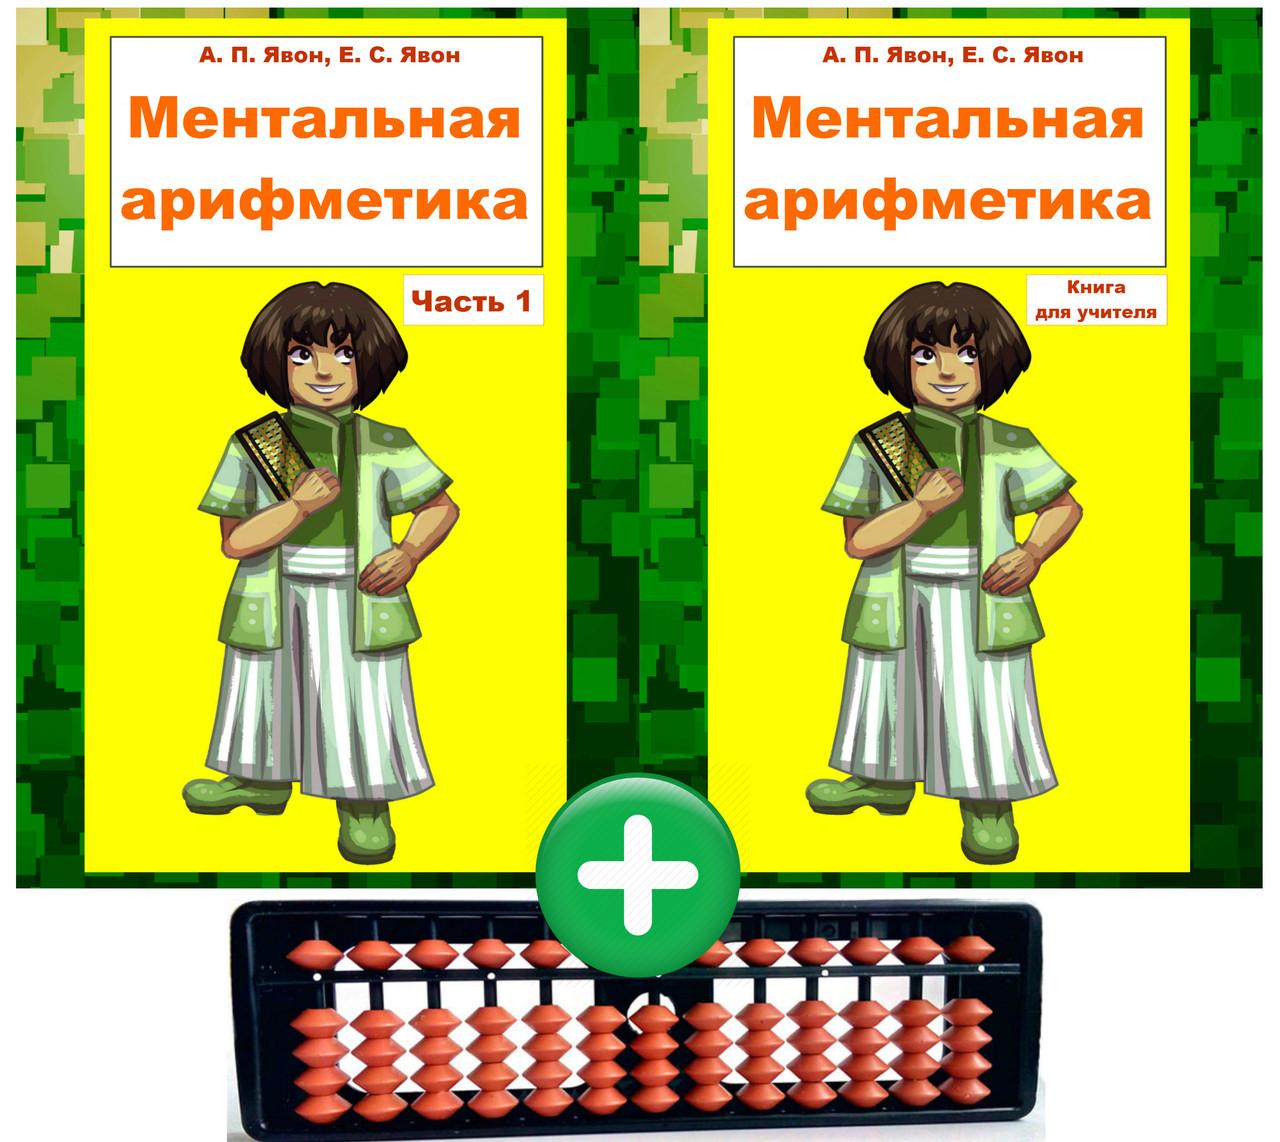 Набор учебный № 1 ментальная арифметика соробан абакус + счеты + Книга для учителя